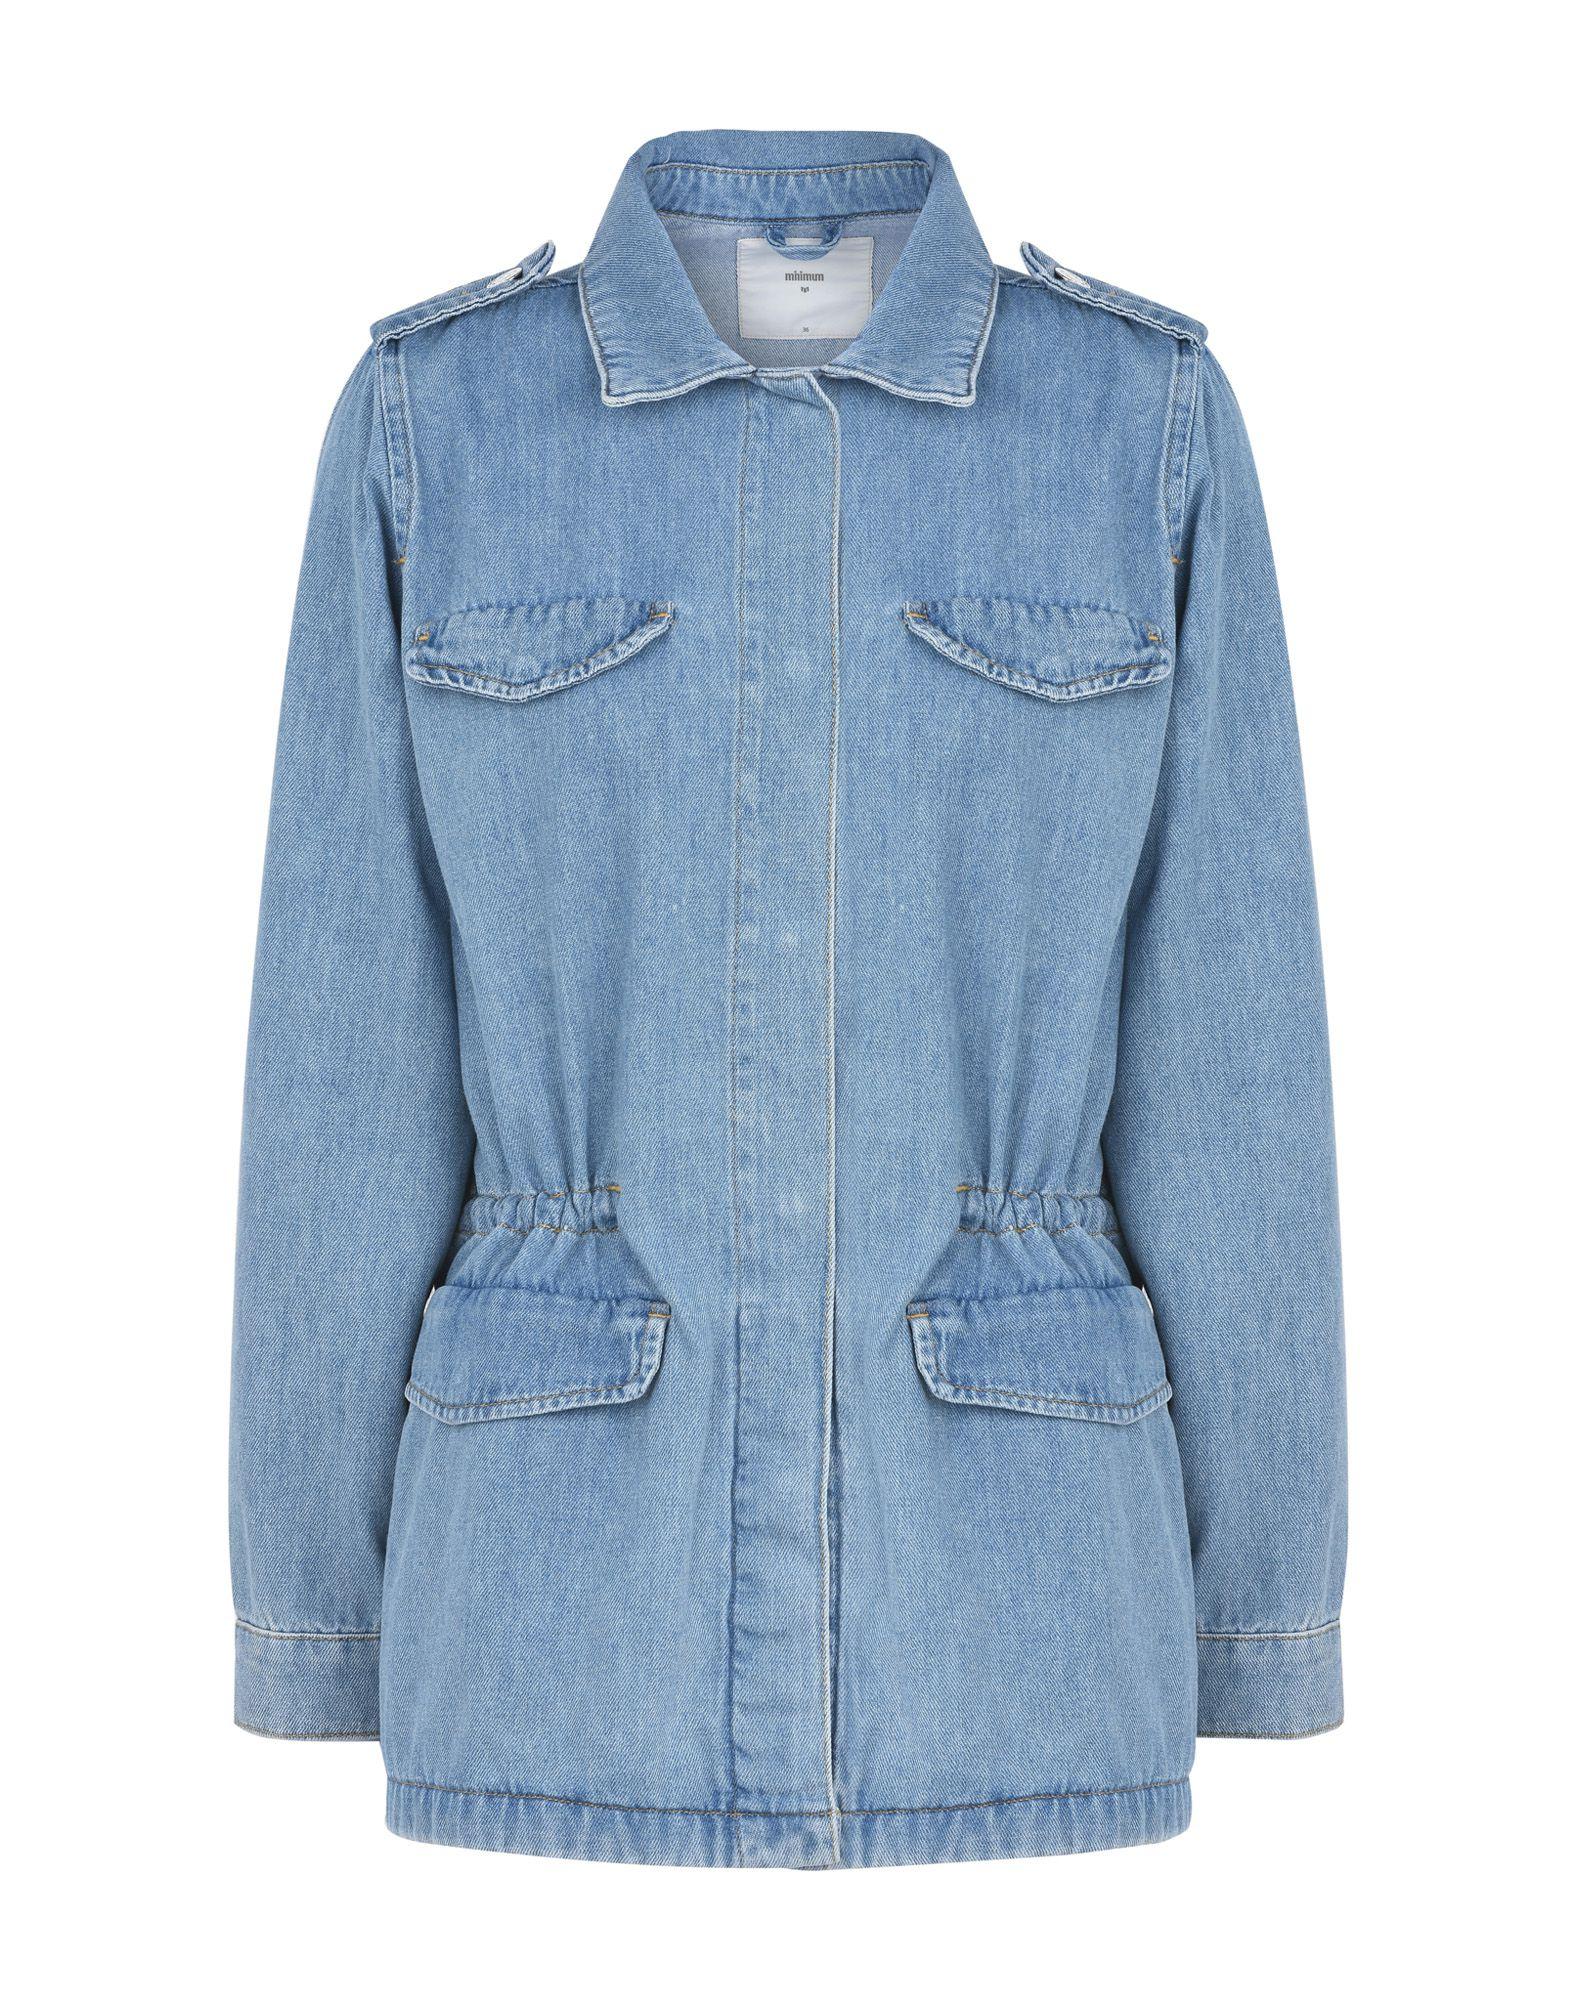 Giubbotto Jeans Minimum Mazy M256 - Donna - Acquista online su